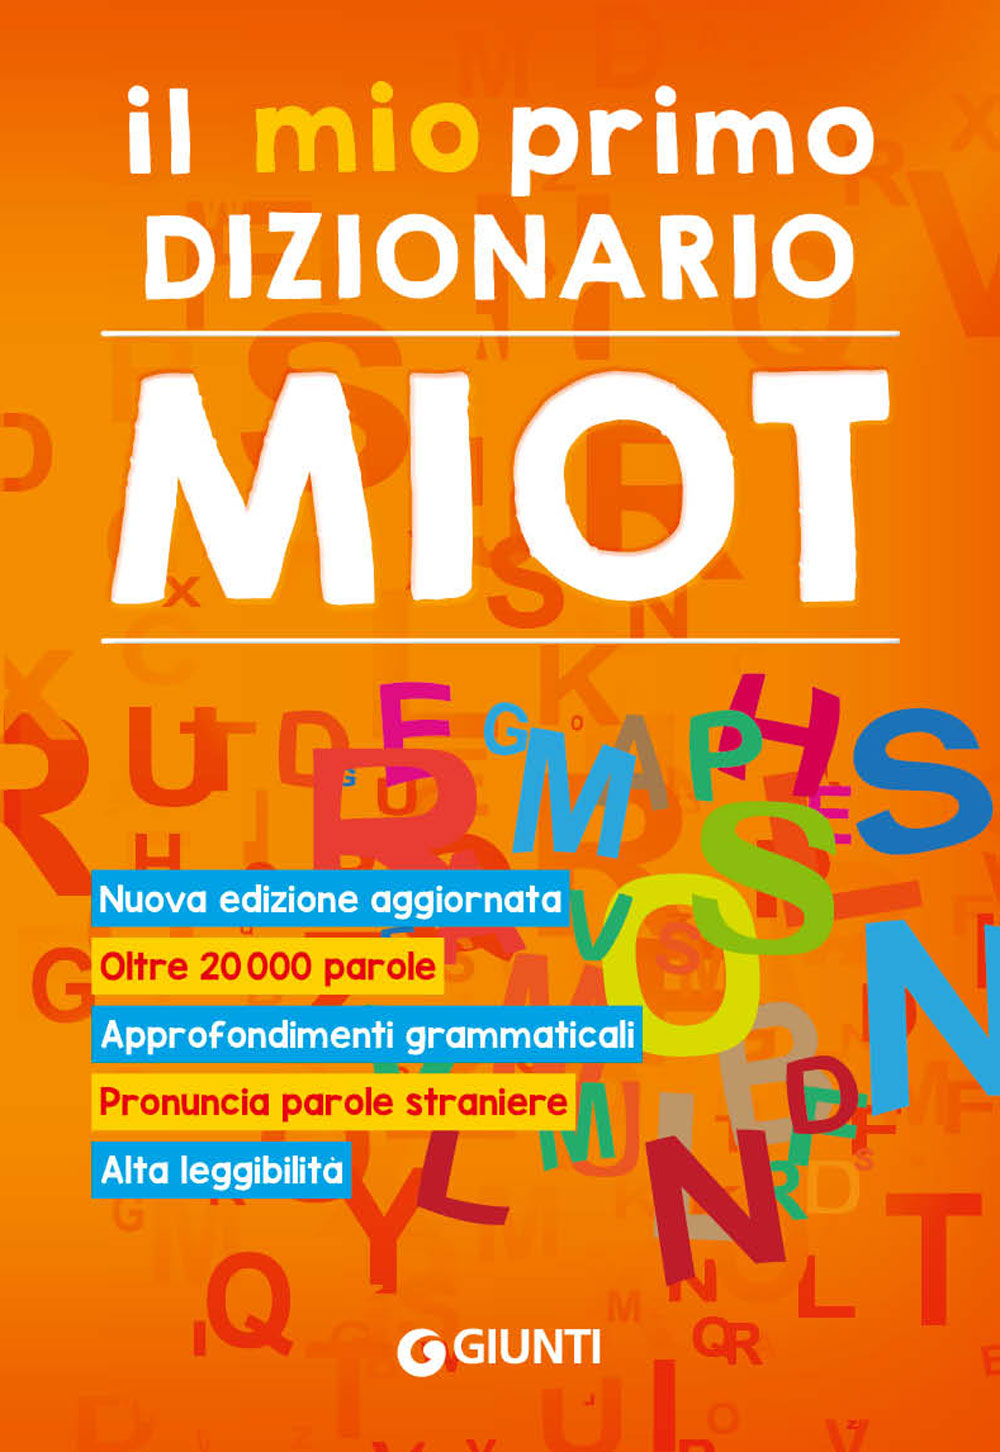 Il mio primo dizionario nuovo Miot 2021